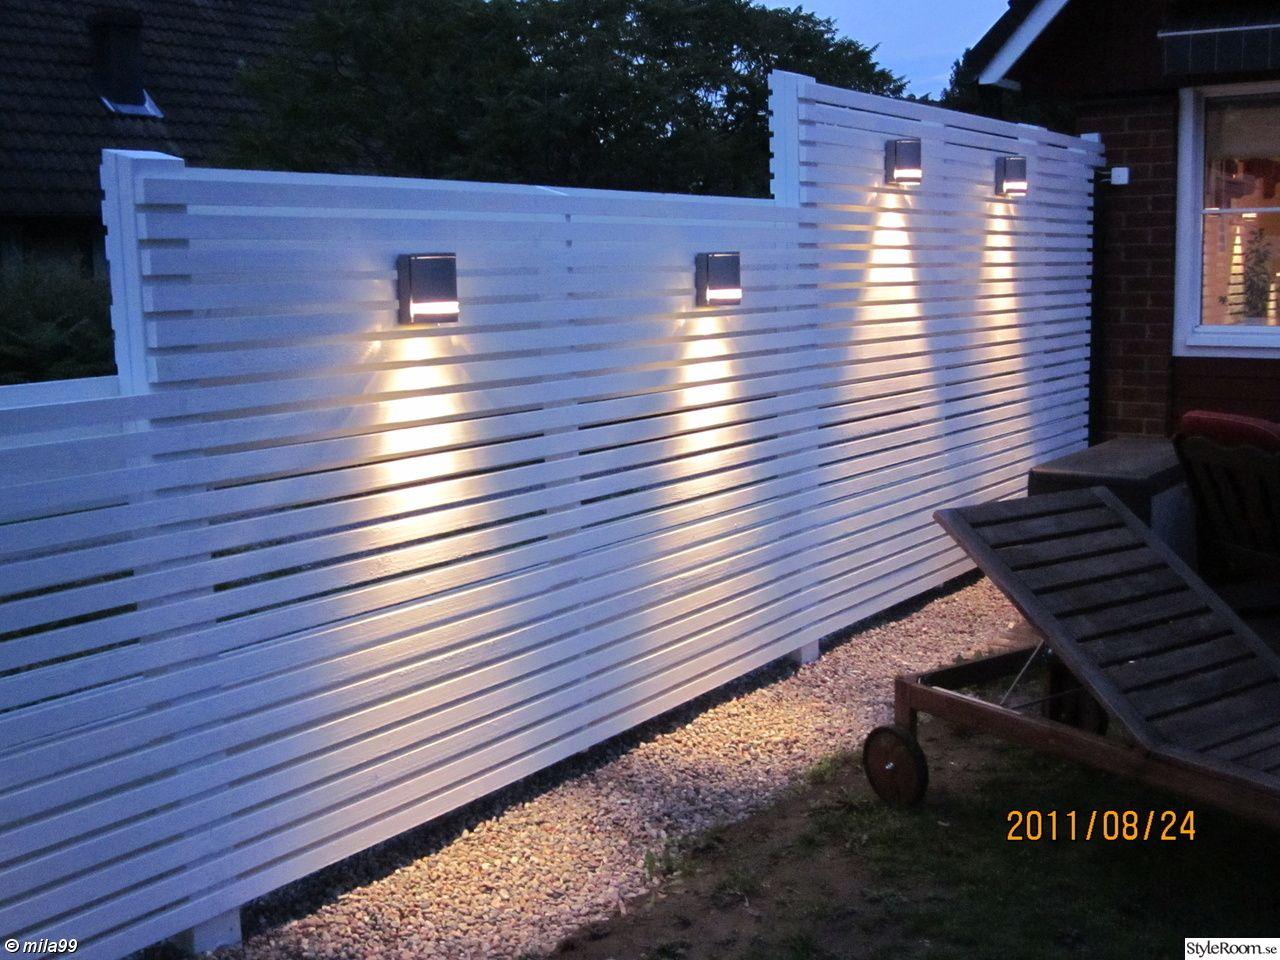 Trädgård plank trädgård : Med belysning | trädgÃ¥rd | Pinterest | Plank